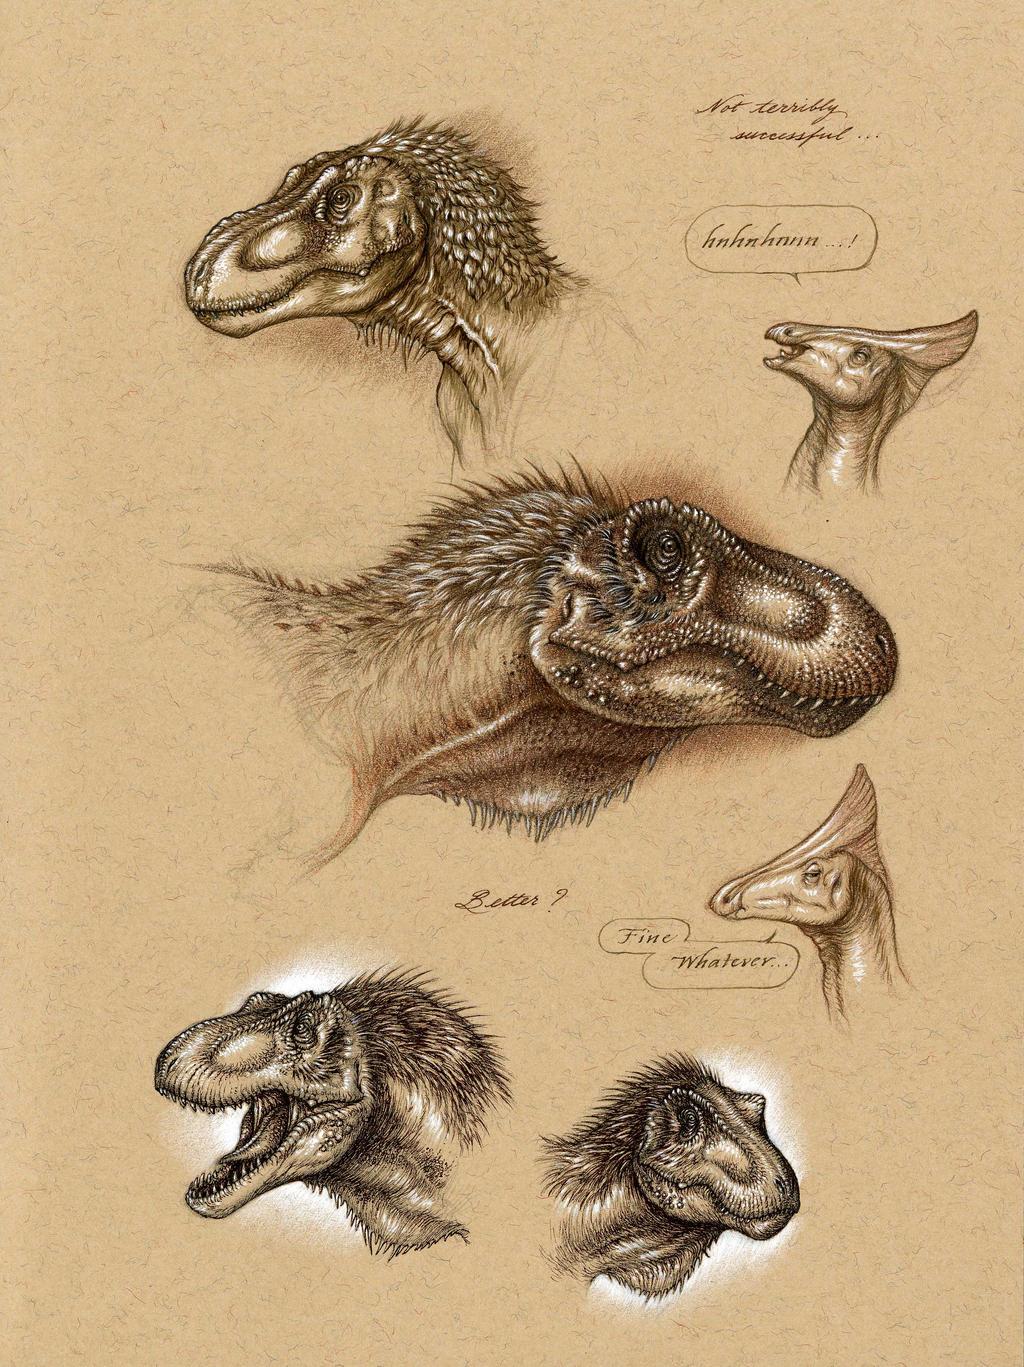 Tarbosaurus Head Studies by Himmapaan